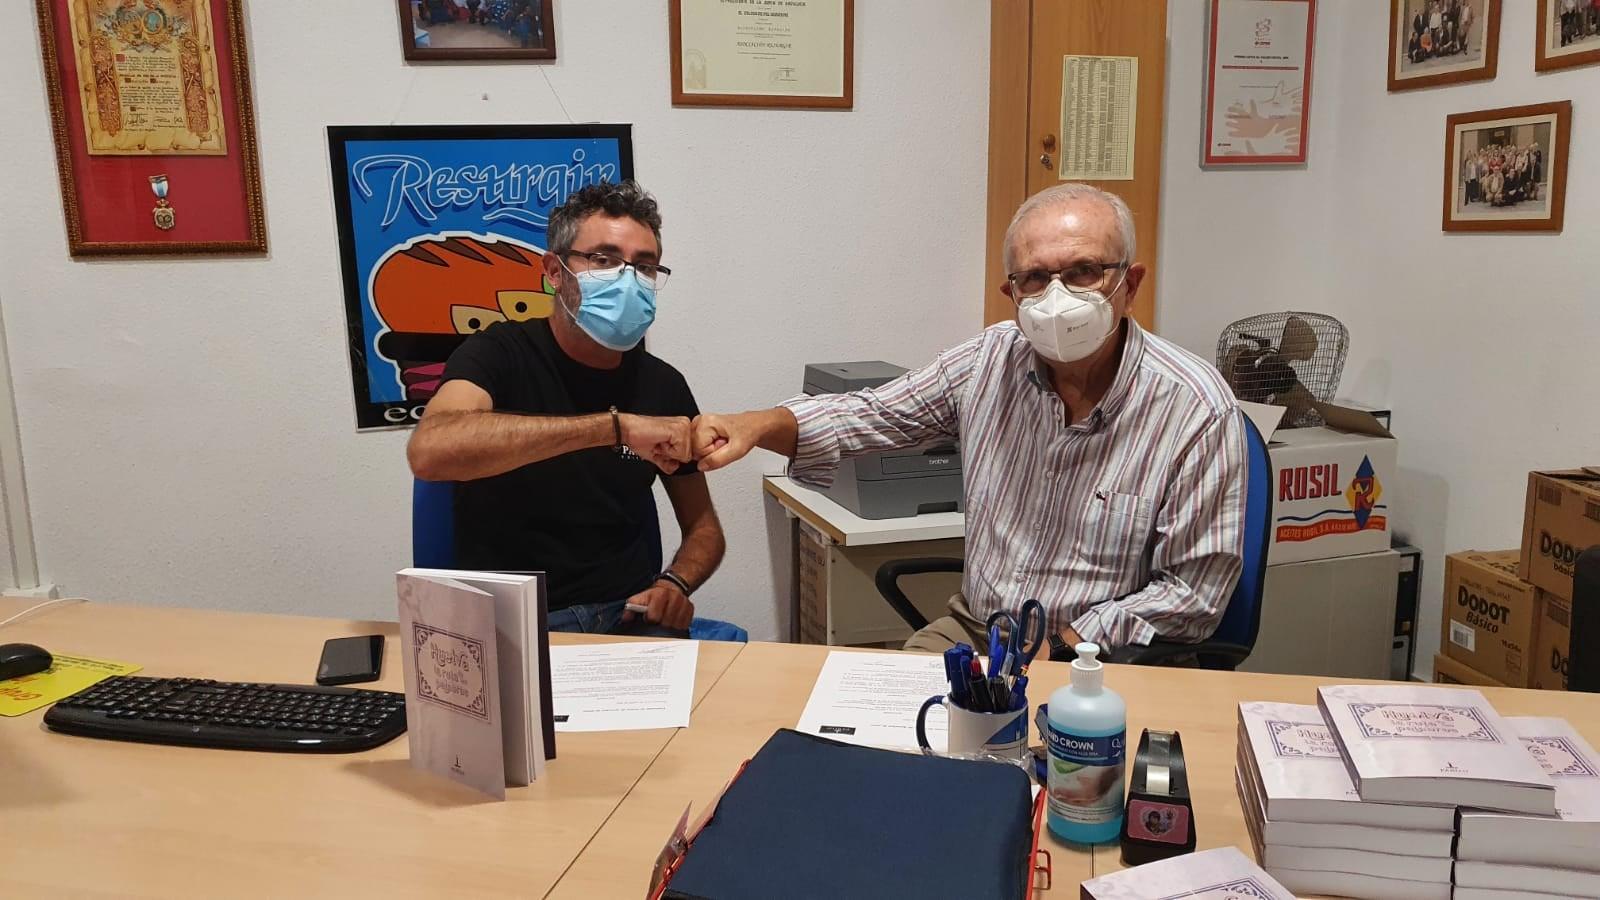 Huelva la ruta de las palabras con el economato solidario resurgir (1)